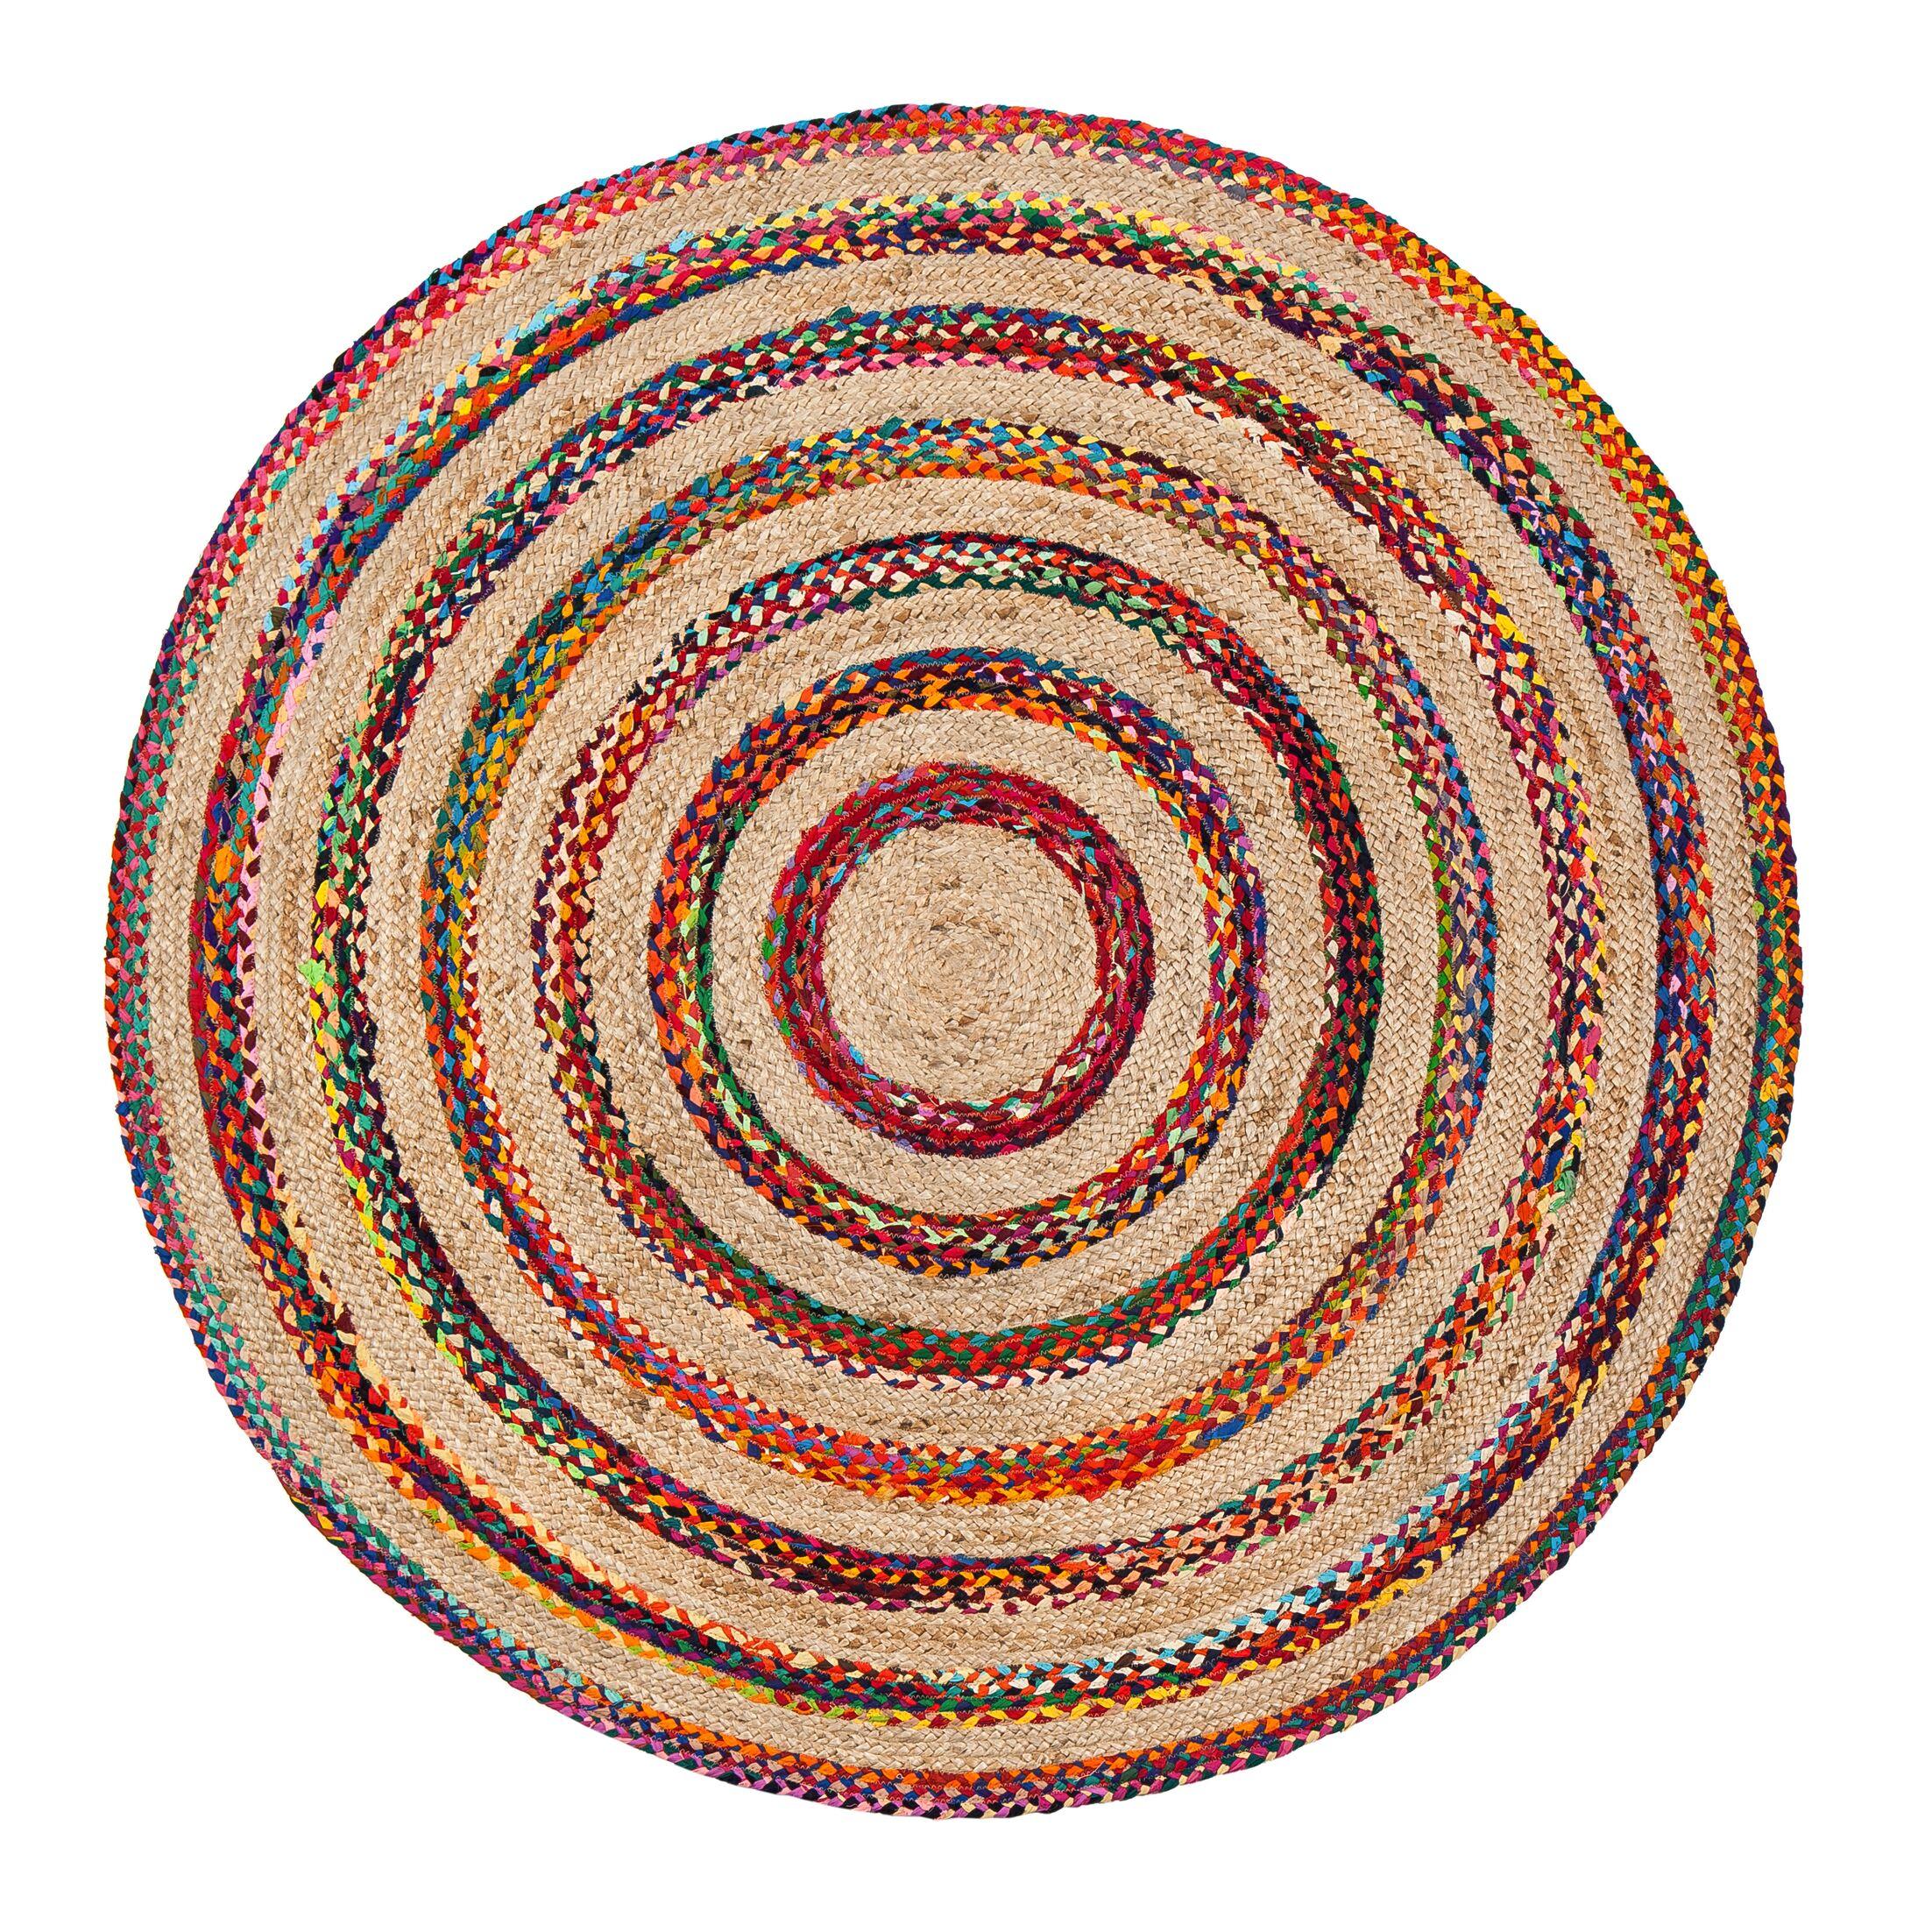 Linnea Handmade Beige/Red/Blue Area Rug Rug Size: Round 6'